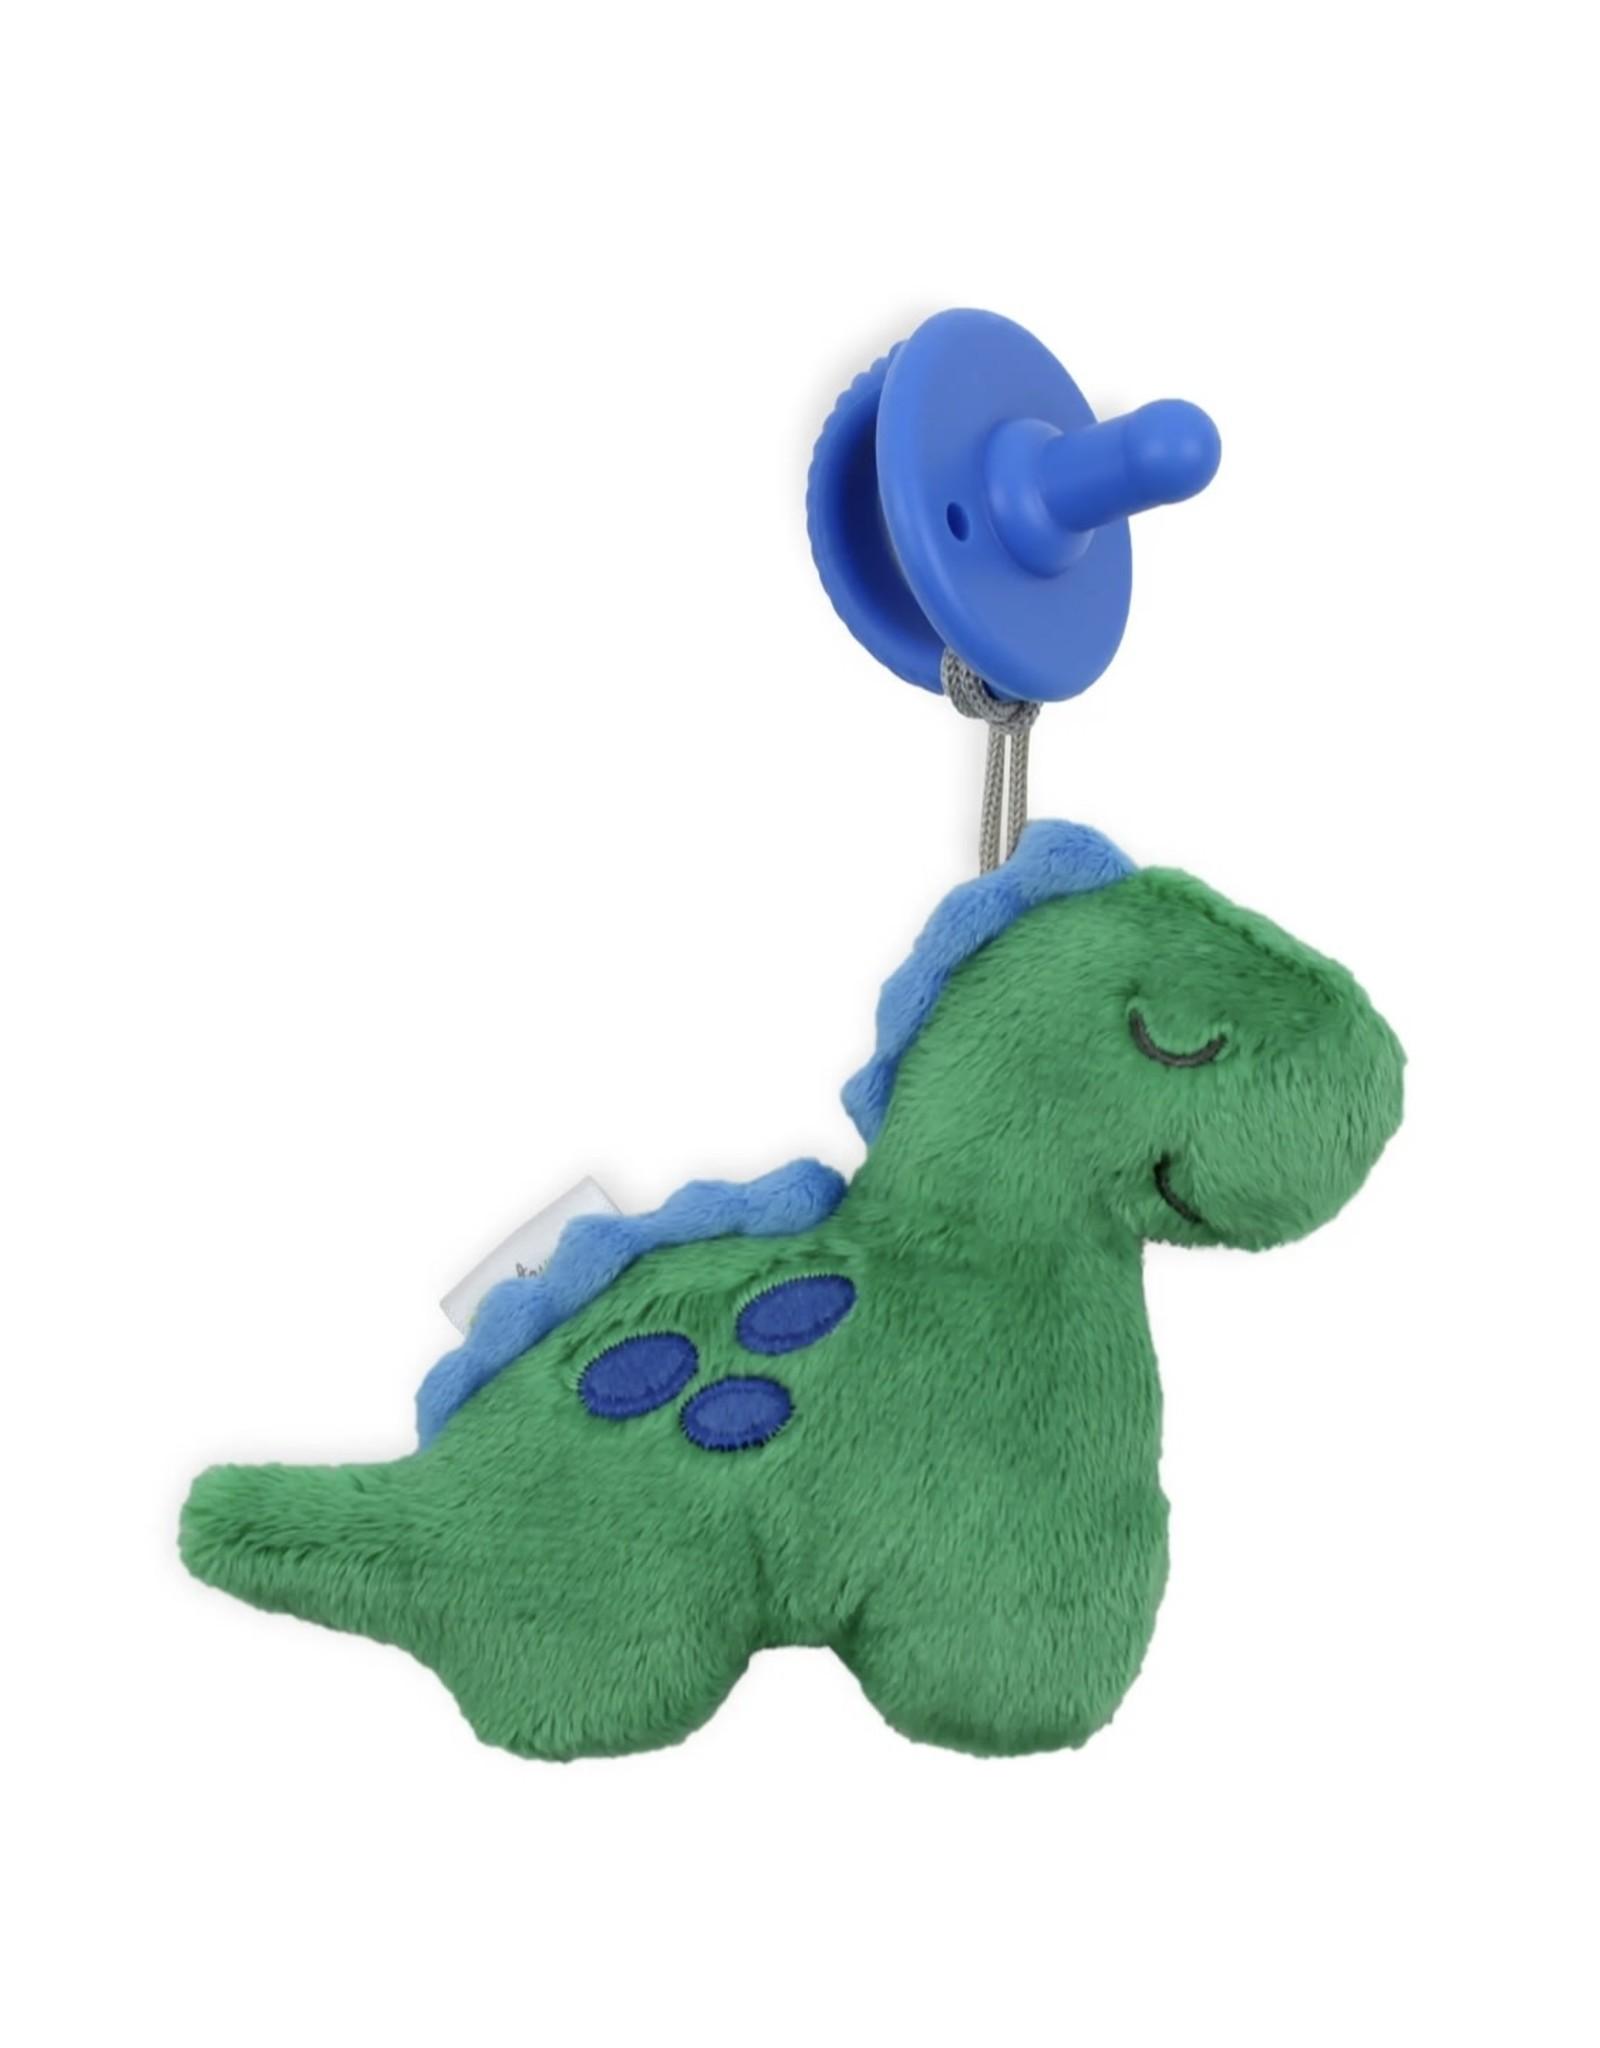 Itzy Ritzy Itzy Ritzy- Sweetie Pal Plush & Pacifier: Dino